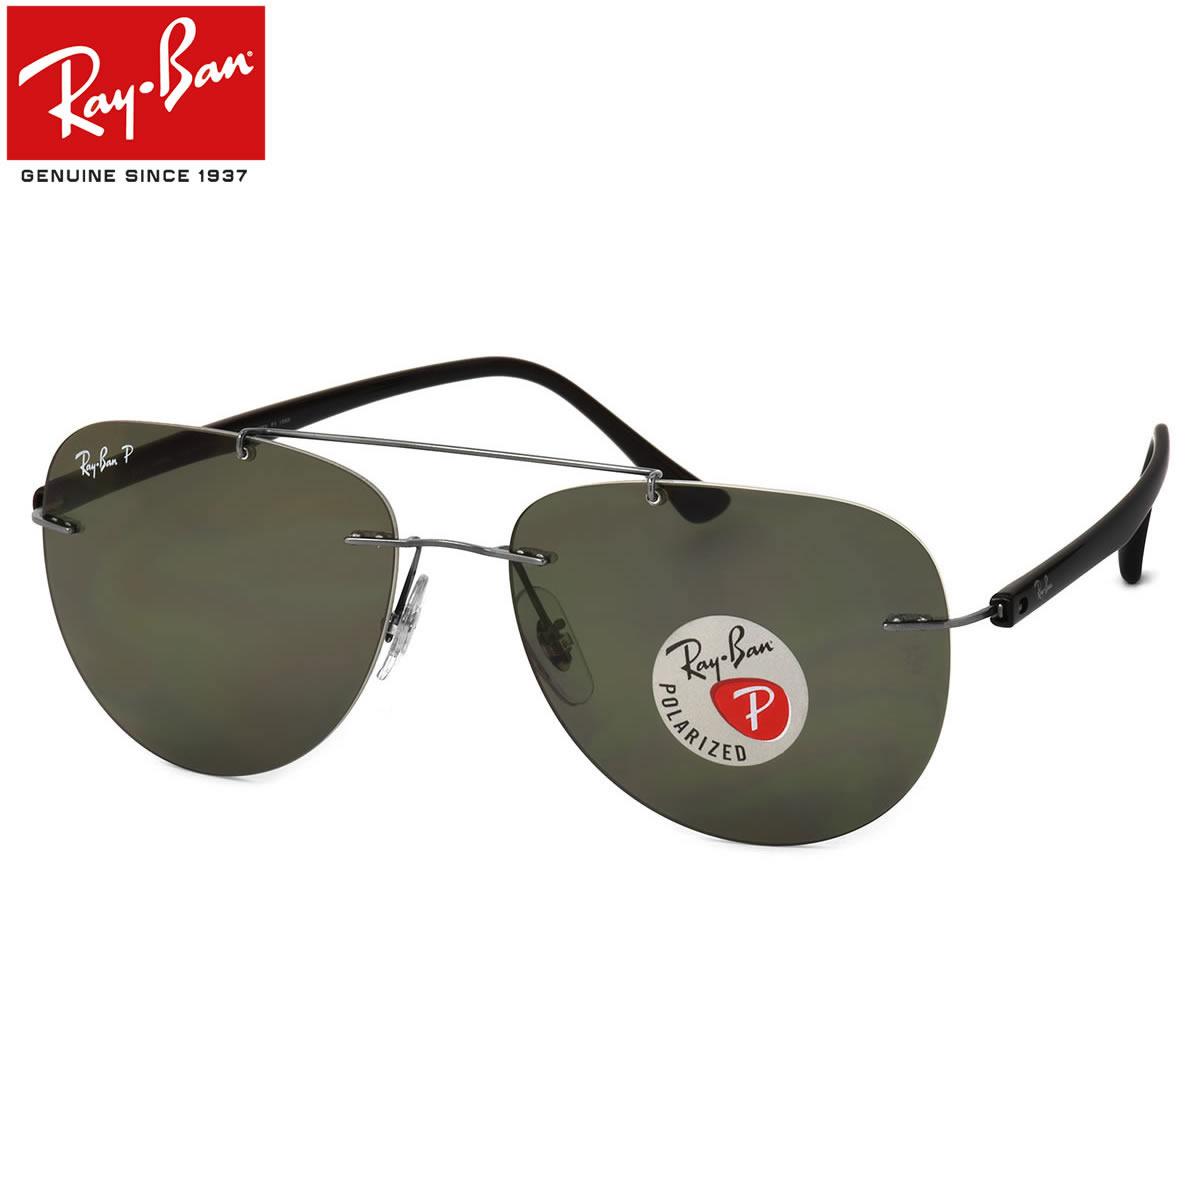 Ray-Ban レイバン サングラス RB8059 004/9A 57サイズ ティアドロップ パイロット 0049A ツーブリッジ ポラライズド 偏光サングラス 偏光レンズ ツーポイント レイバン RayBan メンズ レディース